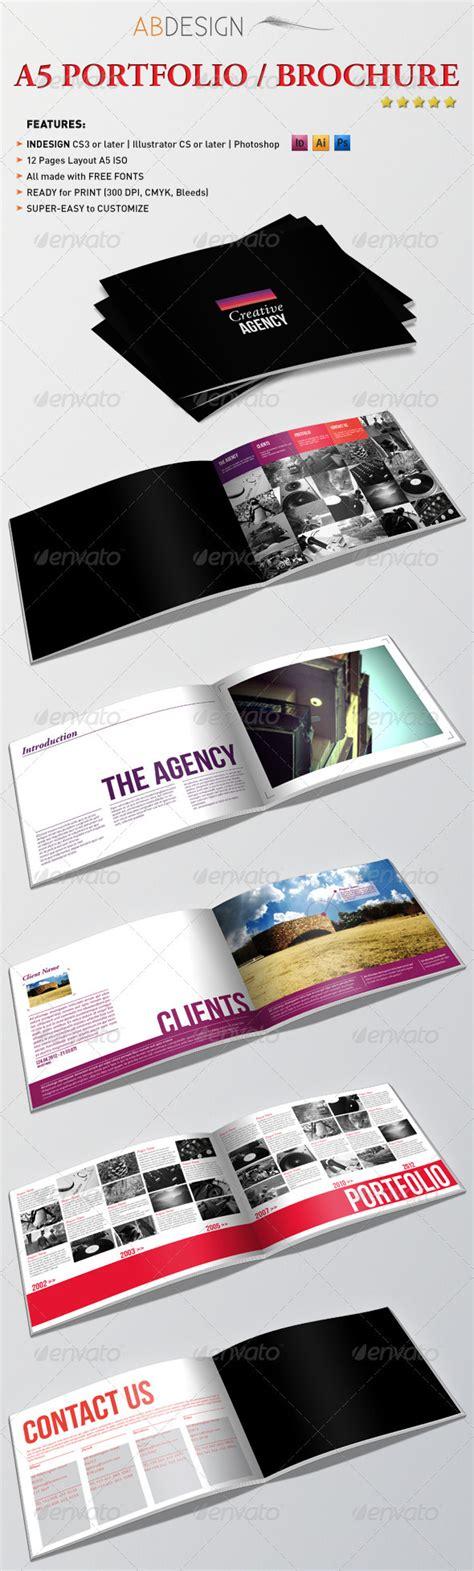 portfolio print template a5 portfolio brochure graphicriver